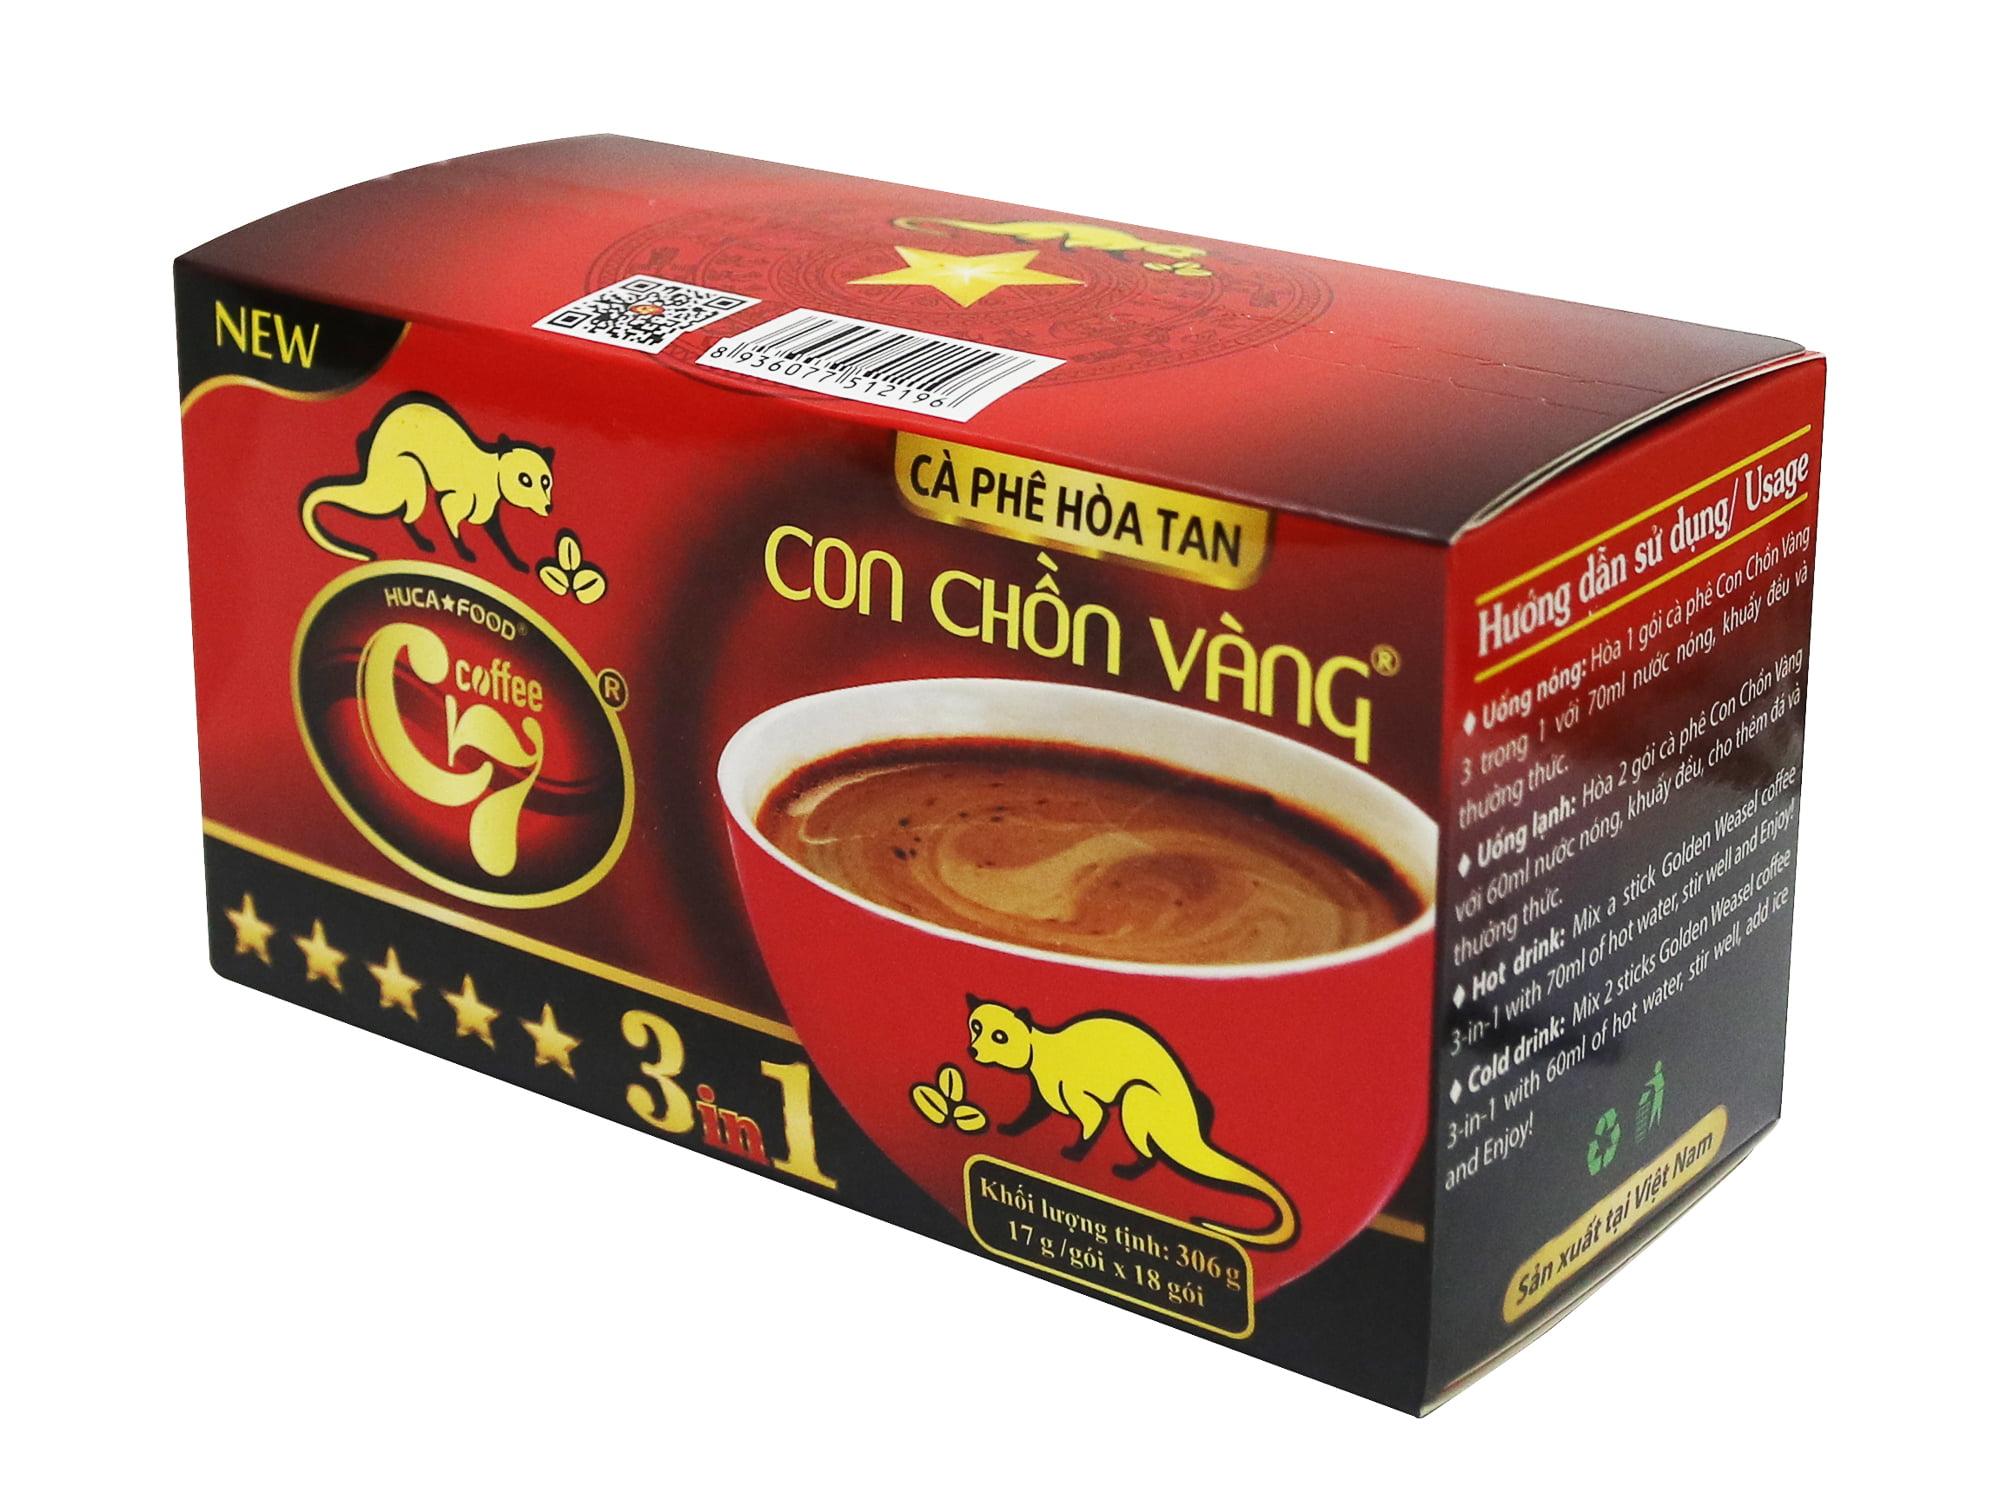 Cà Phê Hòa Tan 3in1 Con Chồn Vàng C7 (17gr x 18 gói) - Huca Food.